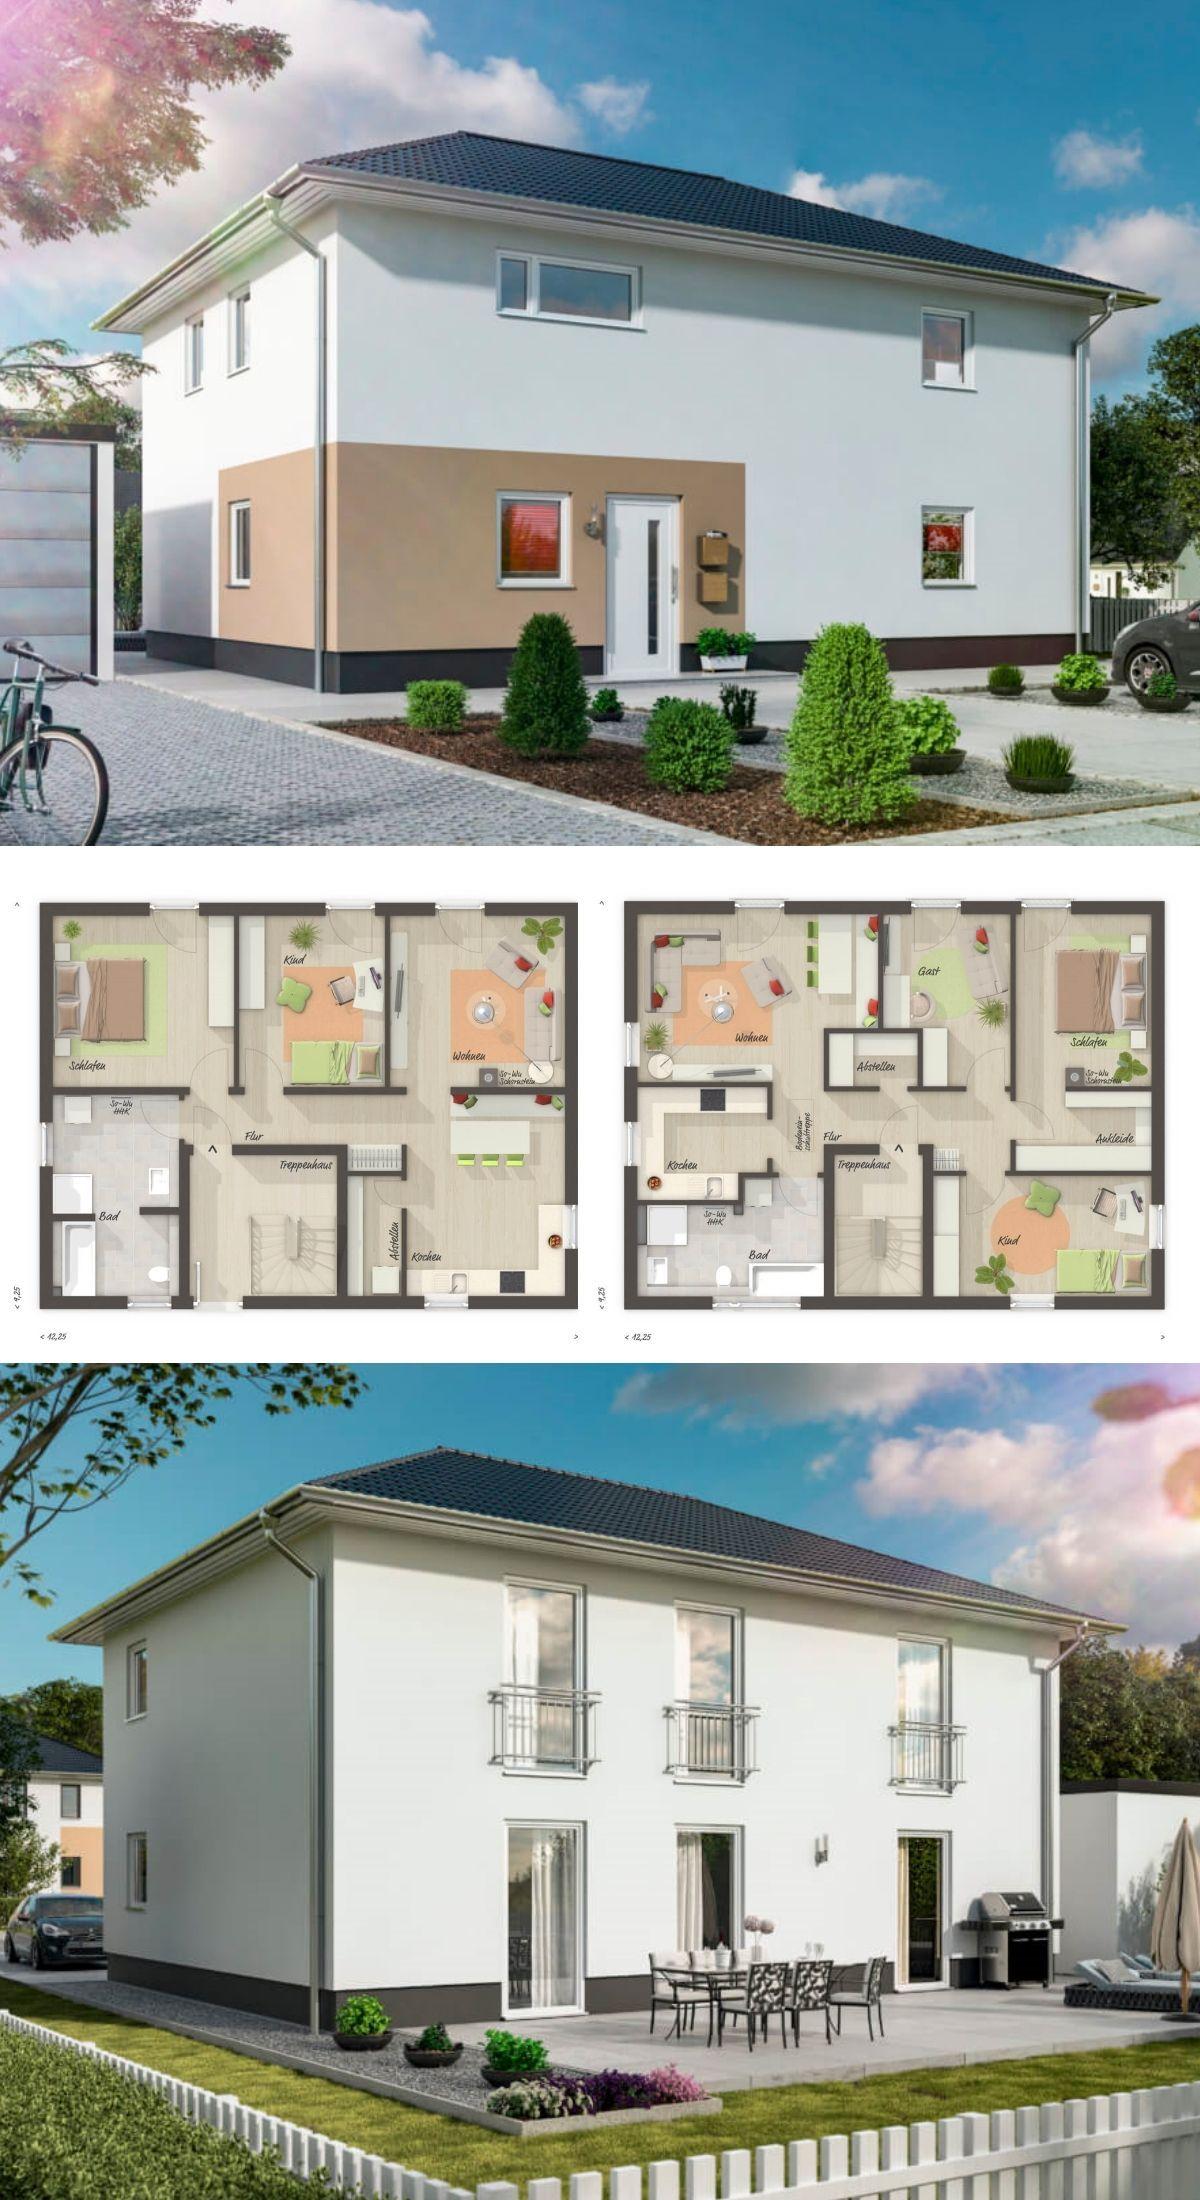 Modernes Zweifamilienhaus Grundriss mit Einliegerwohnung